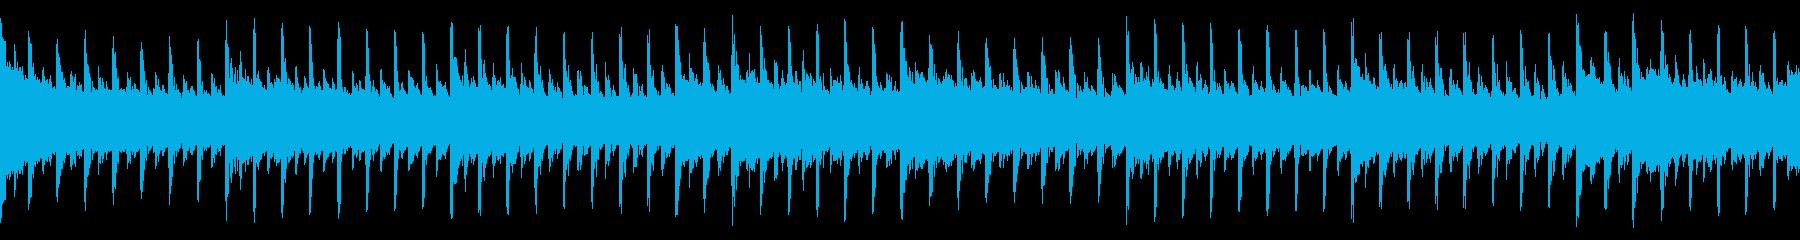 【メロなし/ループ】爽やかコーポレートの再生済みの波形